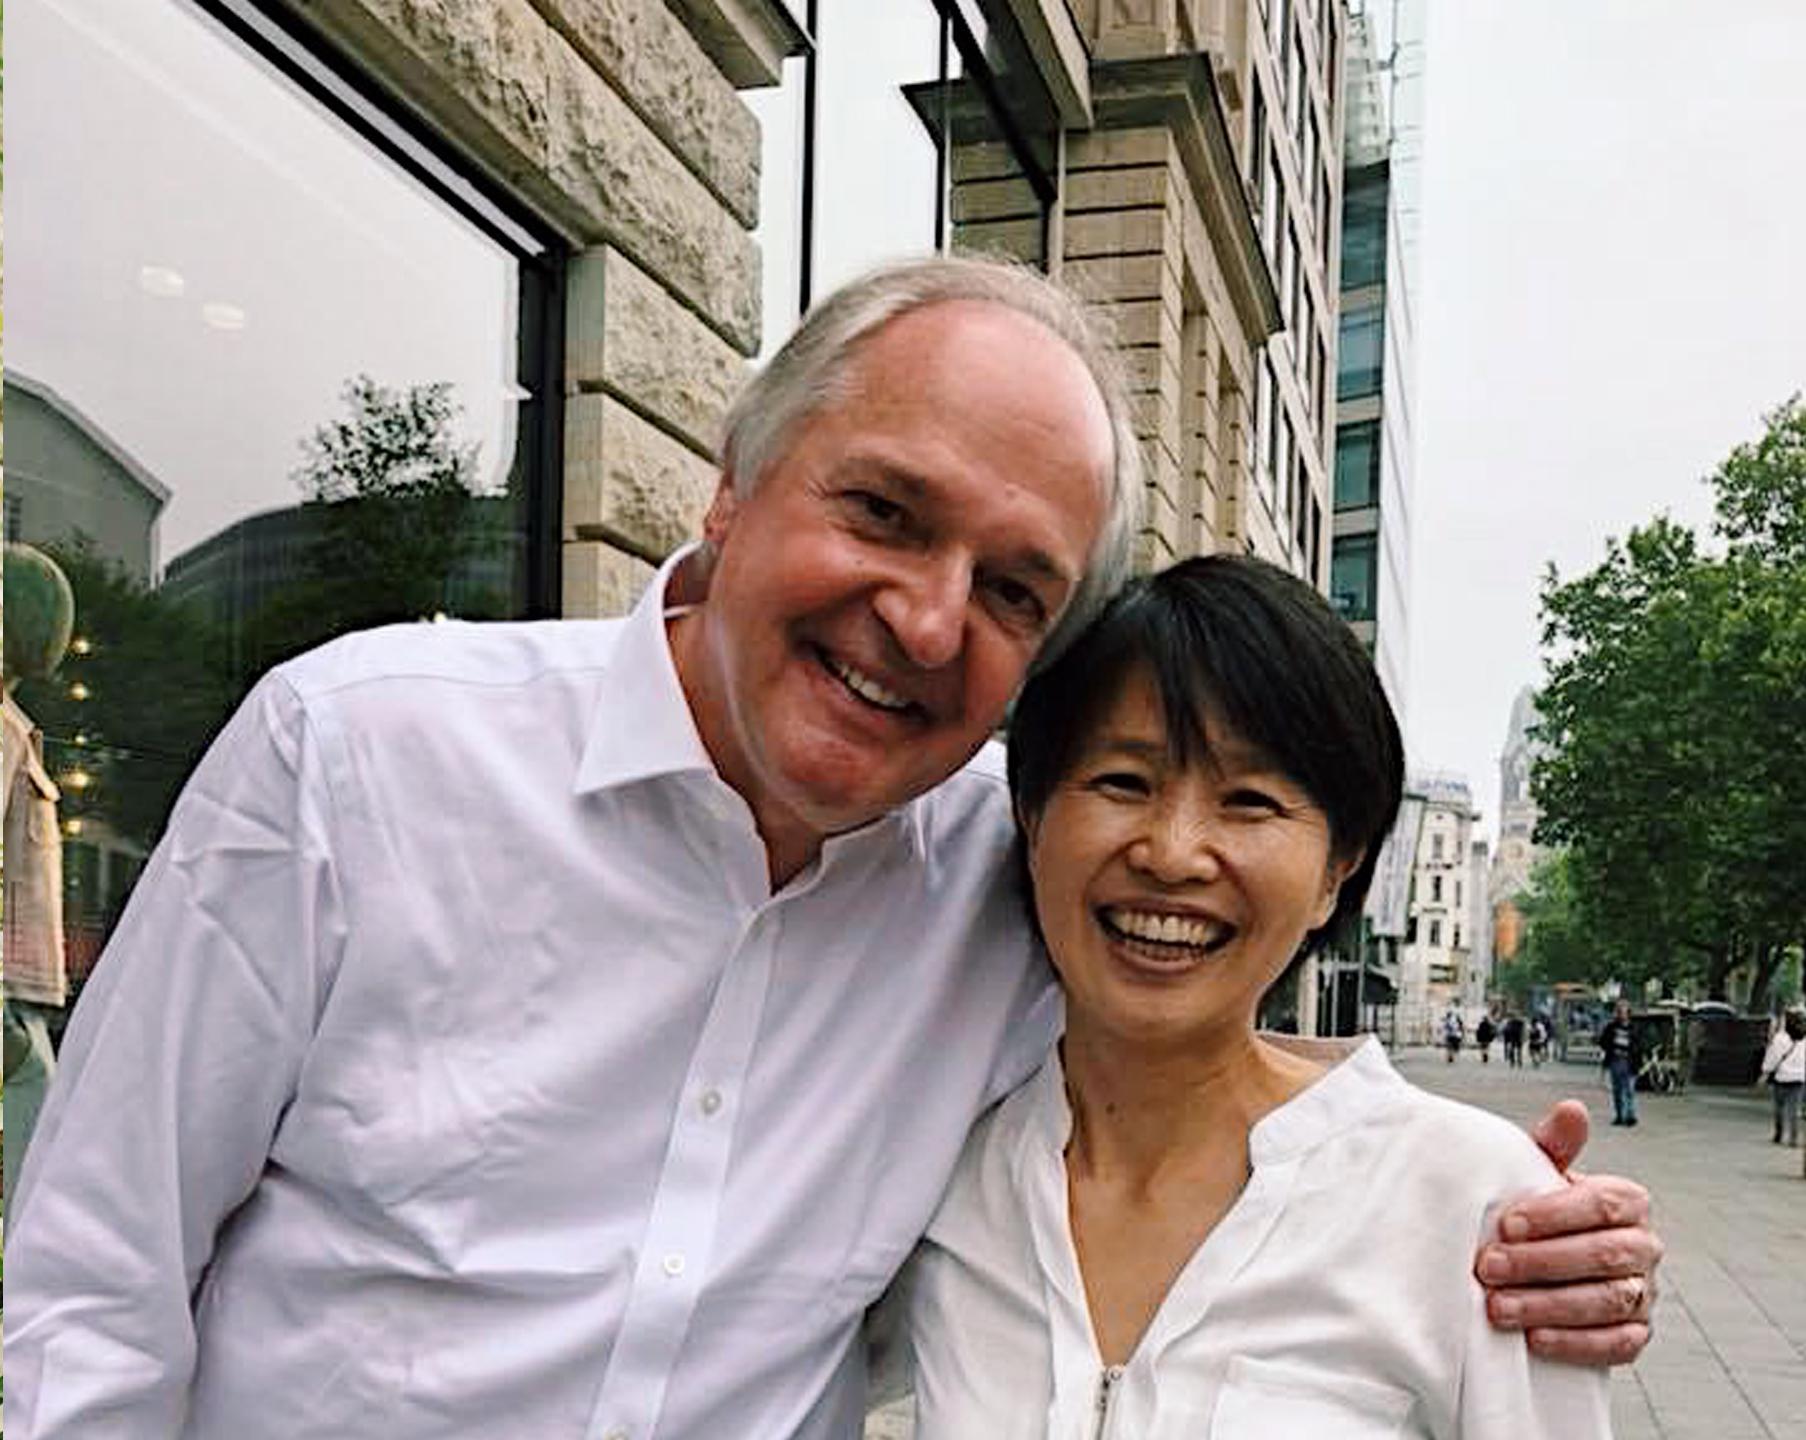 Paul Polman and Masami Sato